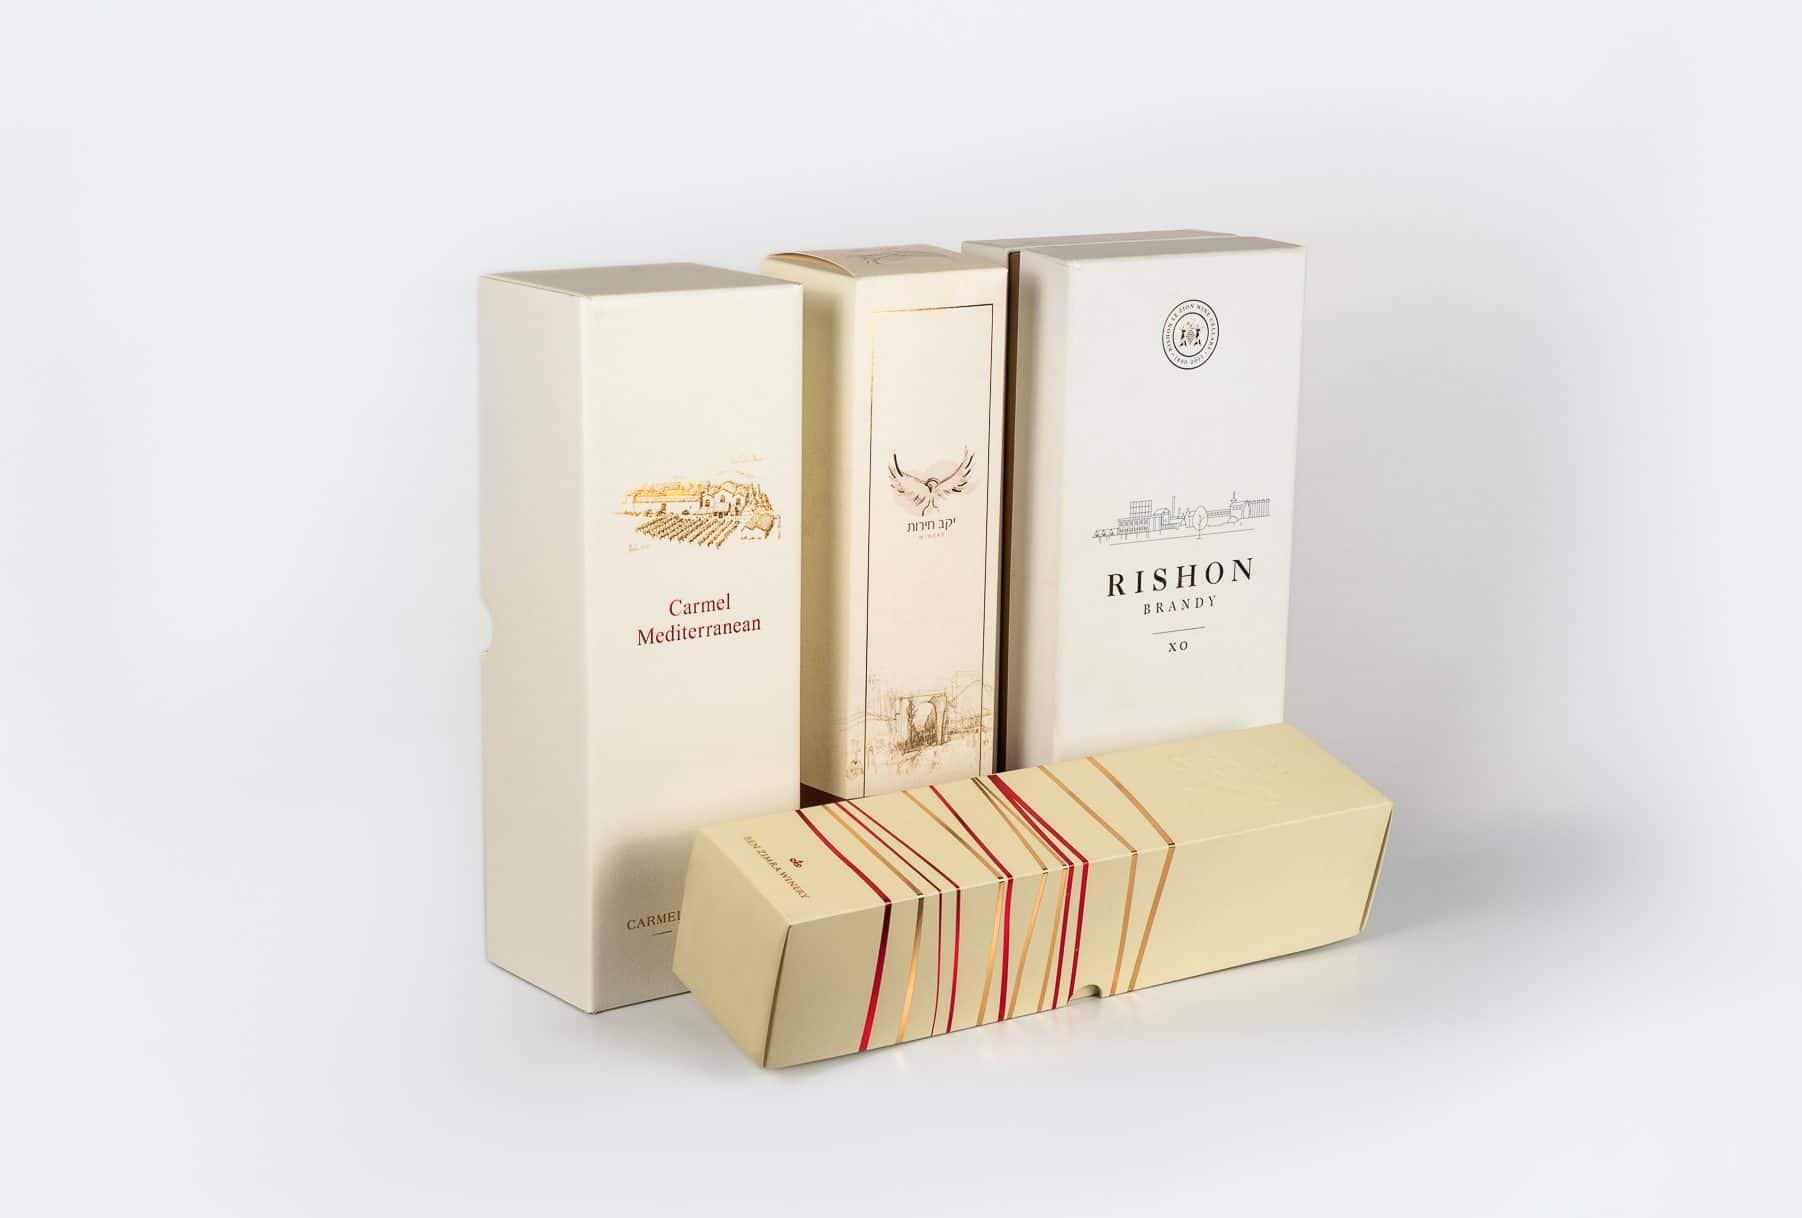 קופסאות שהודפסו בשיטת הדפסה דיגיטלית והדפסת אופסט